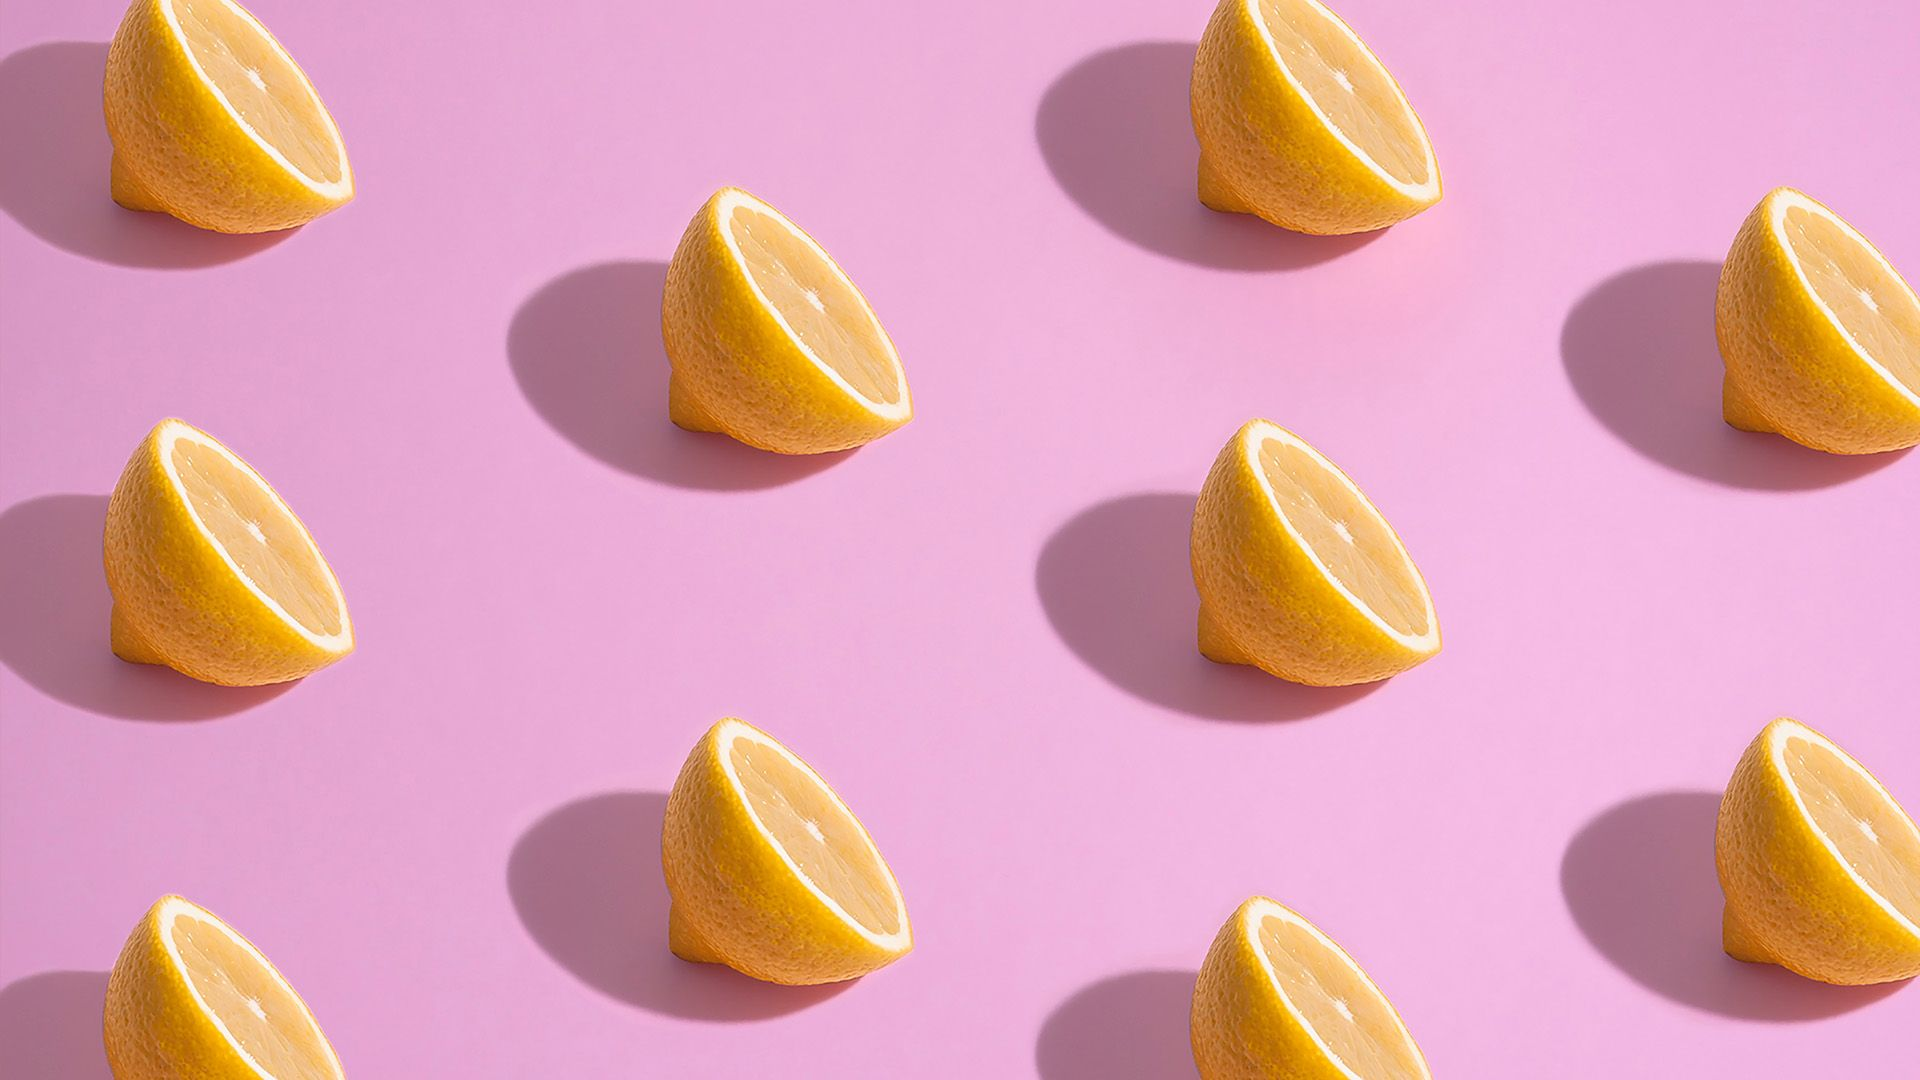 10 halve sitroner på rosa bakgrunn. Illustrasjonfoto brukt til sak om sosiale medier for markedsføringsbyrået Elg.